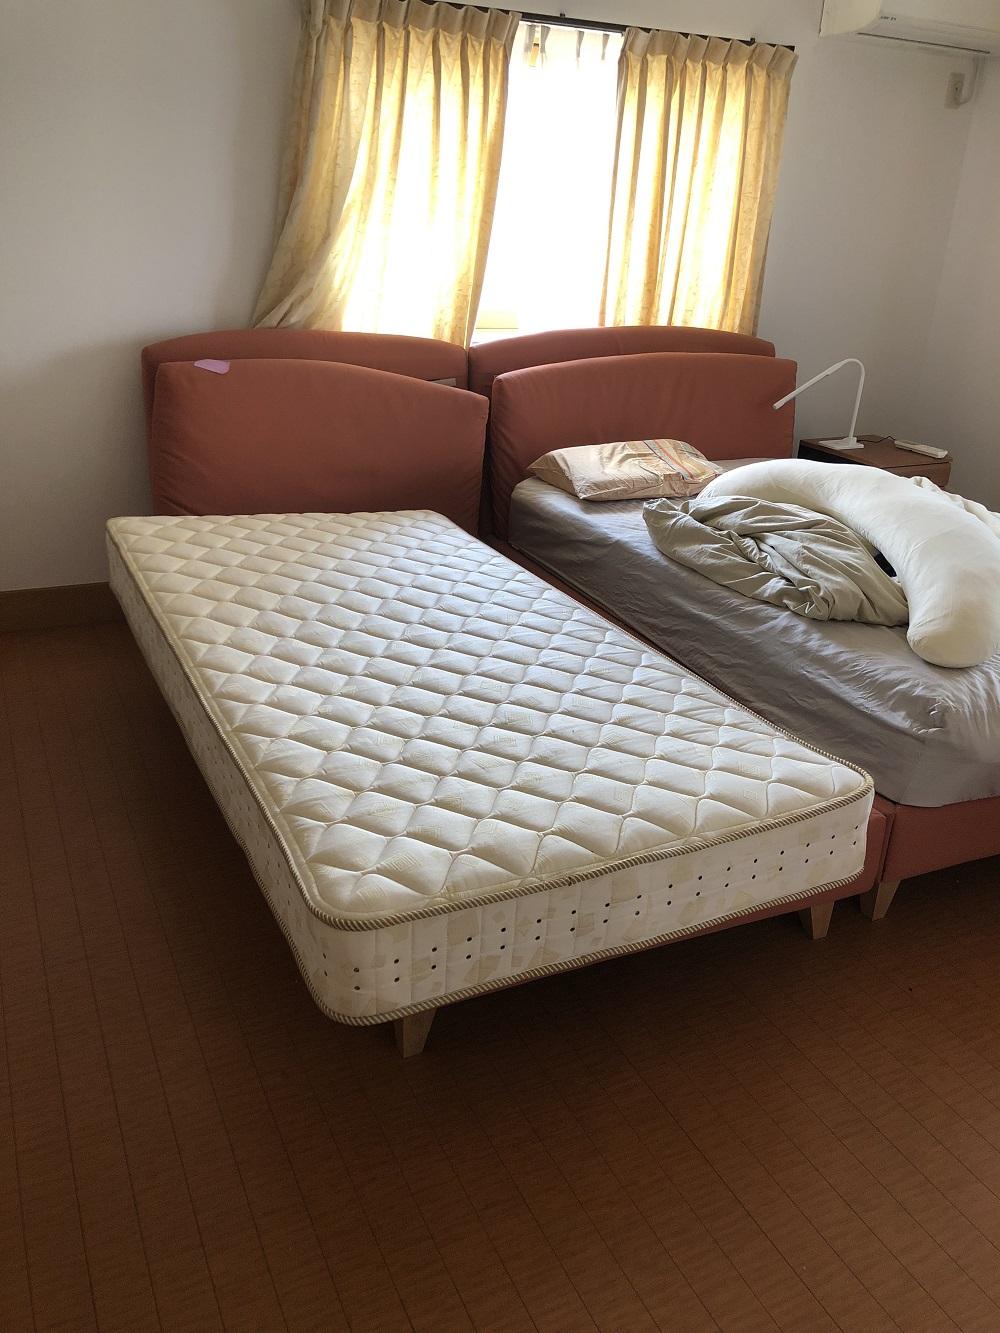 高知県香南市で不用品(婚礼ダンス、食器棚、ソファ、家庭用消火器など)処分ご依頼 お客様の声